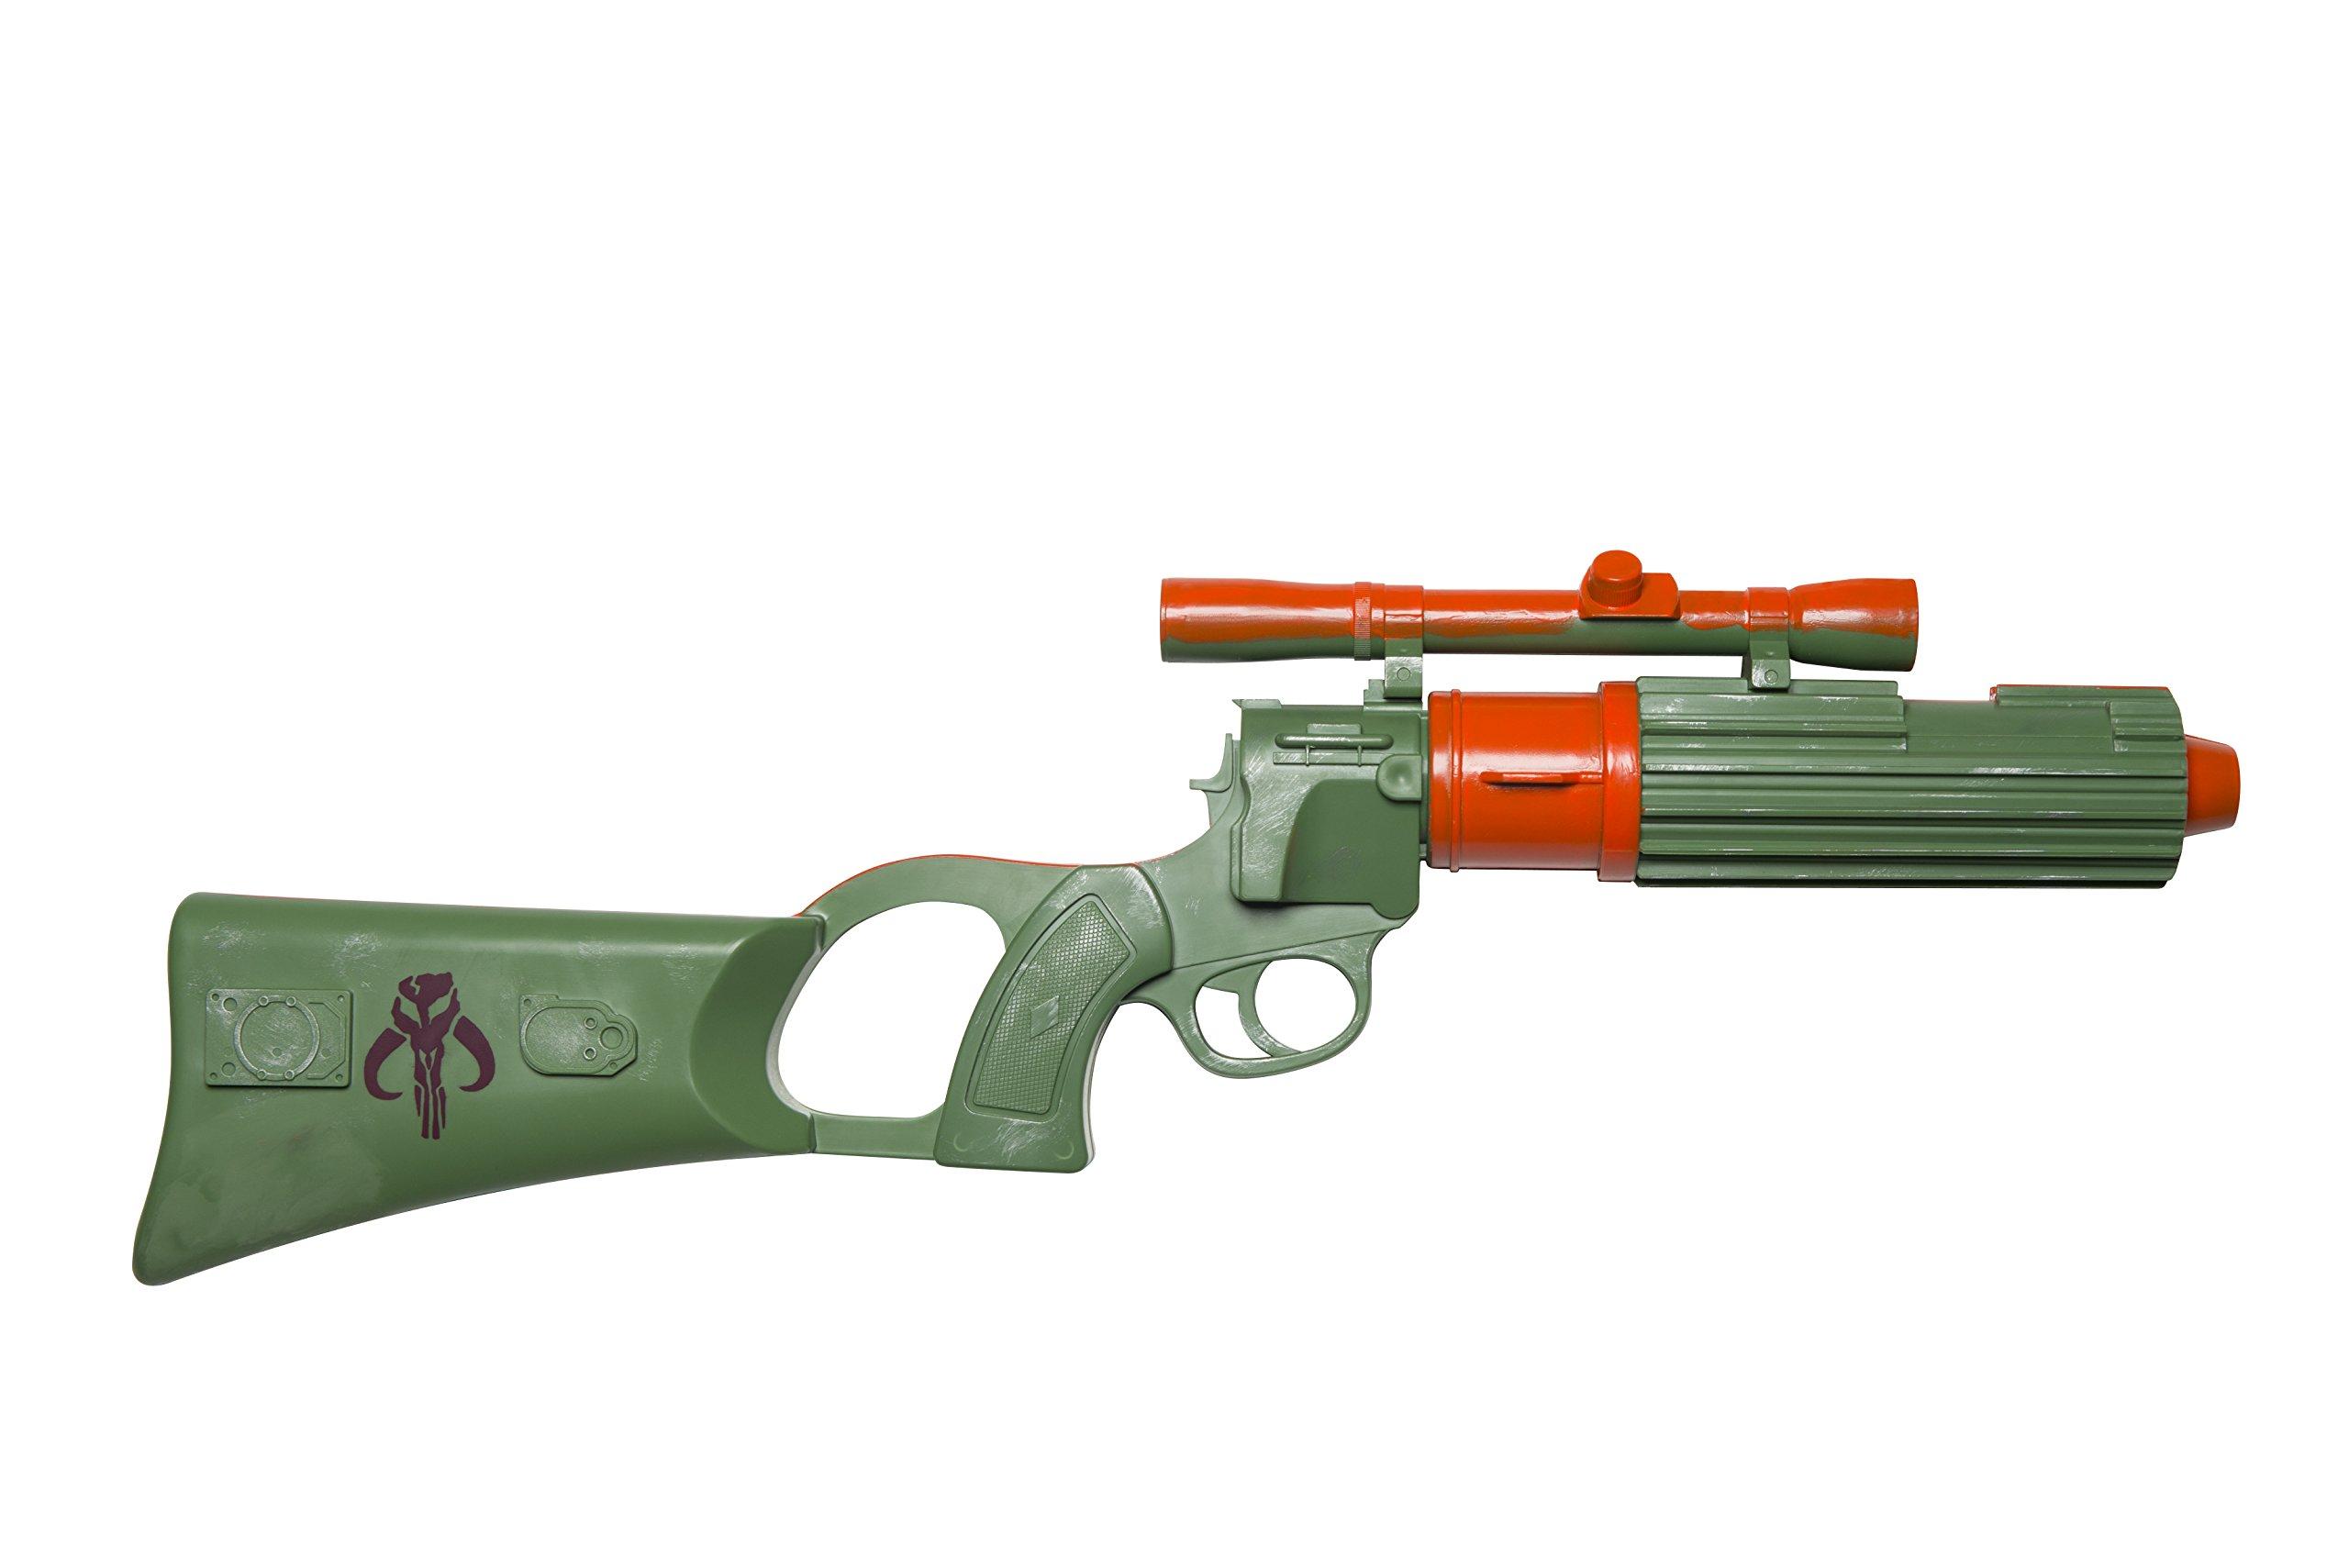 Rubie's Star Wars Men's Classic Boba Fett Blaster, Multi, One Size